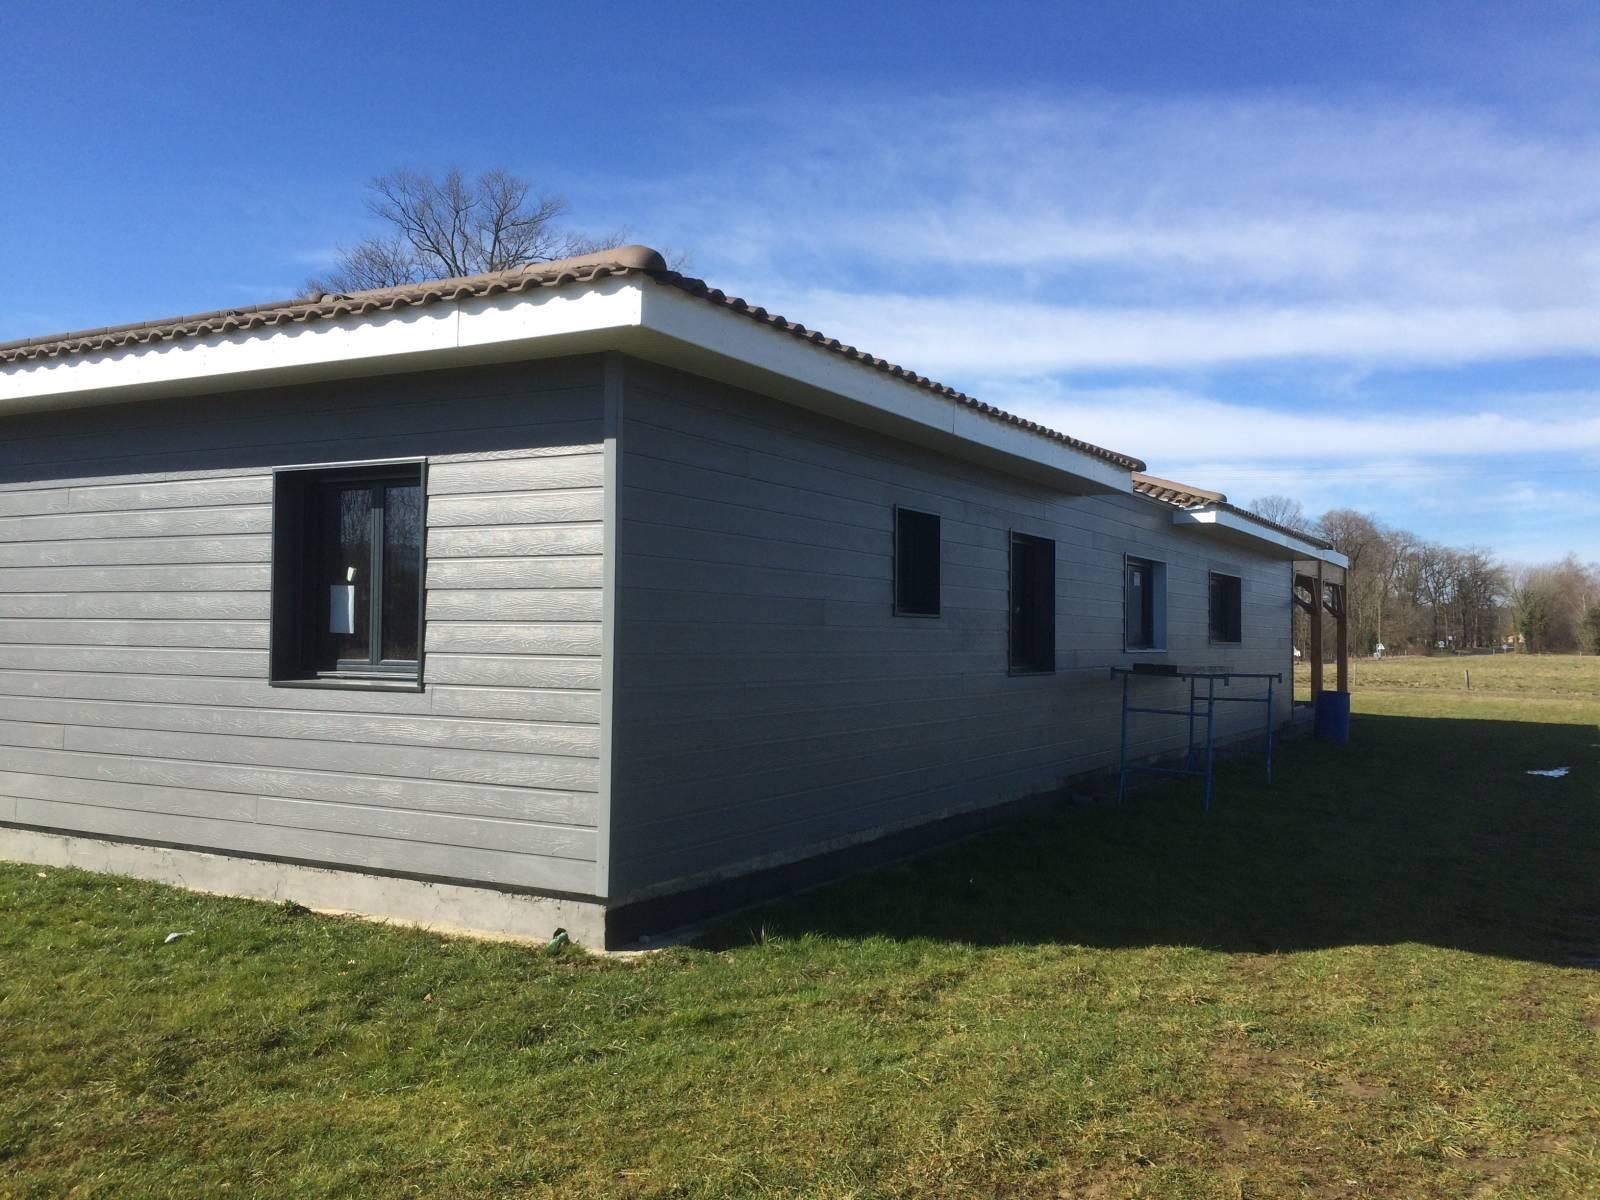 Autoconstruction Maison Bois - Acheter Maison bois auto construction dans les Pyrénées Atlantiques (64) Réf 00036 Cogebois